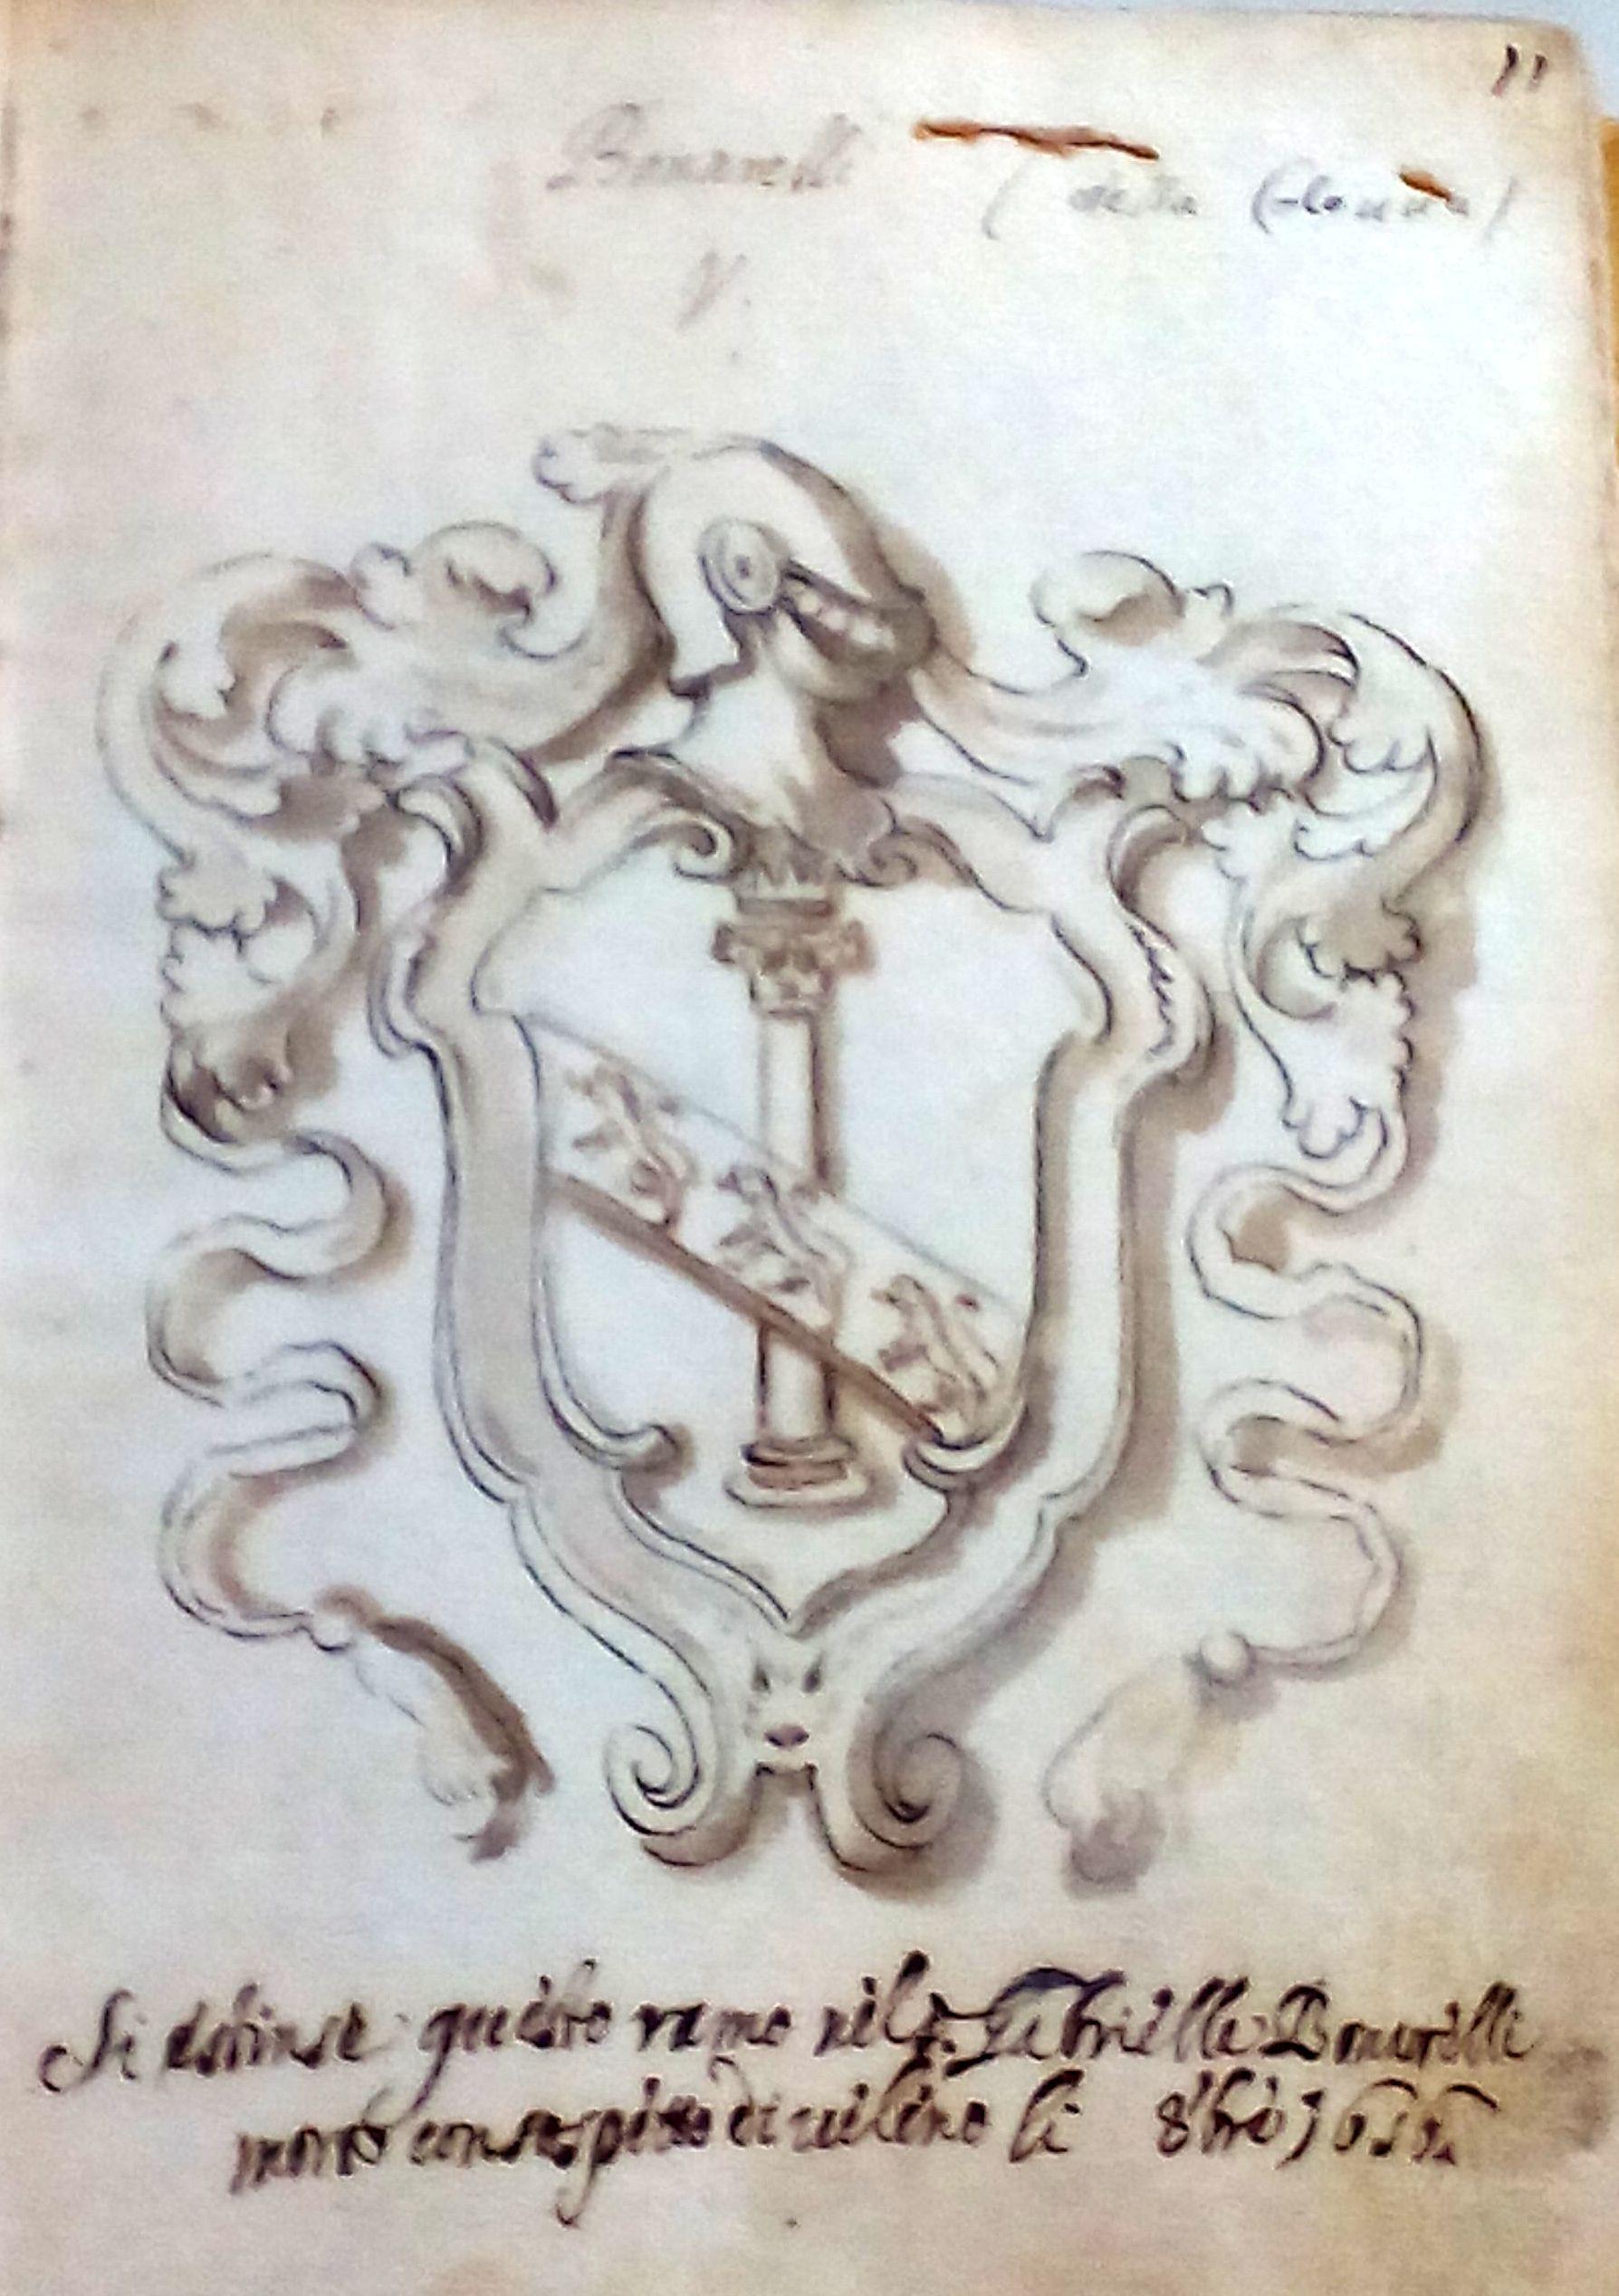 """LA FAMIGLIA BONARELLI Noto soprattutto per la tragedia """"Il Solimano"""", edita a Firenze nel 1620 è Prospero Bonarelli della Rovere (1580- 1659).  Nato a Novellara, dopo soggiorni presso varie corti, da Ferrara a Modena, da Firenze a Vienna, si stabilì infine ad Ancona, dove fondò l'Accademia dei Caliginosi.  Interessante la figura di Guido Bonarelli (1871-1951). Nato ad Ancona da Giulio,  dopo il liceo si trasferisce a Torino, dove nel 1894 si laurea in Scienze naturali.  Inizia rapidamente una feconda carriera di ricerca e di docente universitario. Opera per incarico di Società scientifiche straniere anche nel Borneo, in Spagna, Algeria, Tunisia e Argentina. La sua attività scientifica spazia dalla geologia alla paletnologia alla antropologia. Curò anche una storia della casata dei Bonarelli."""